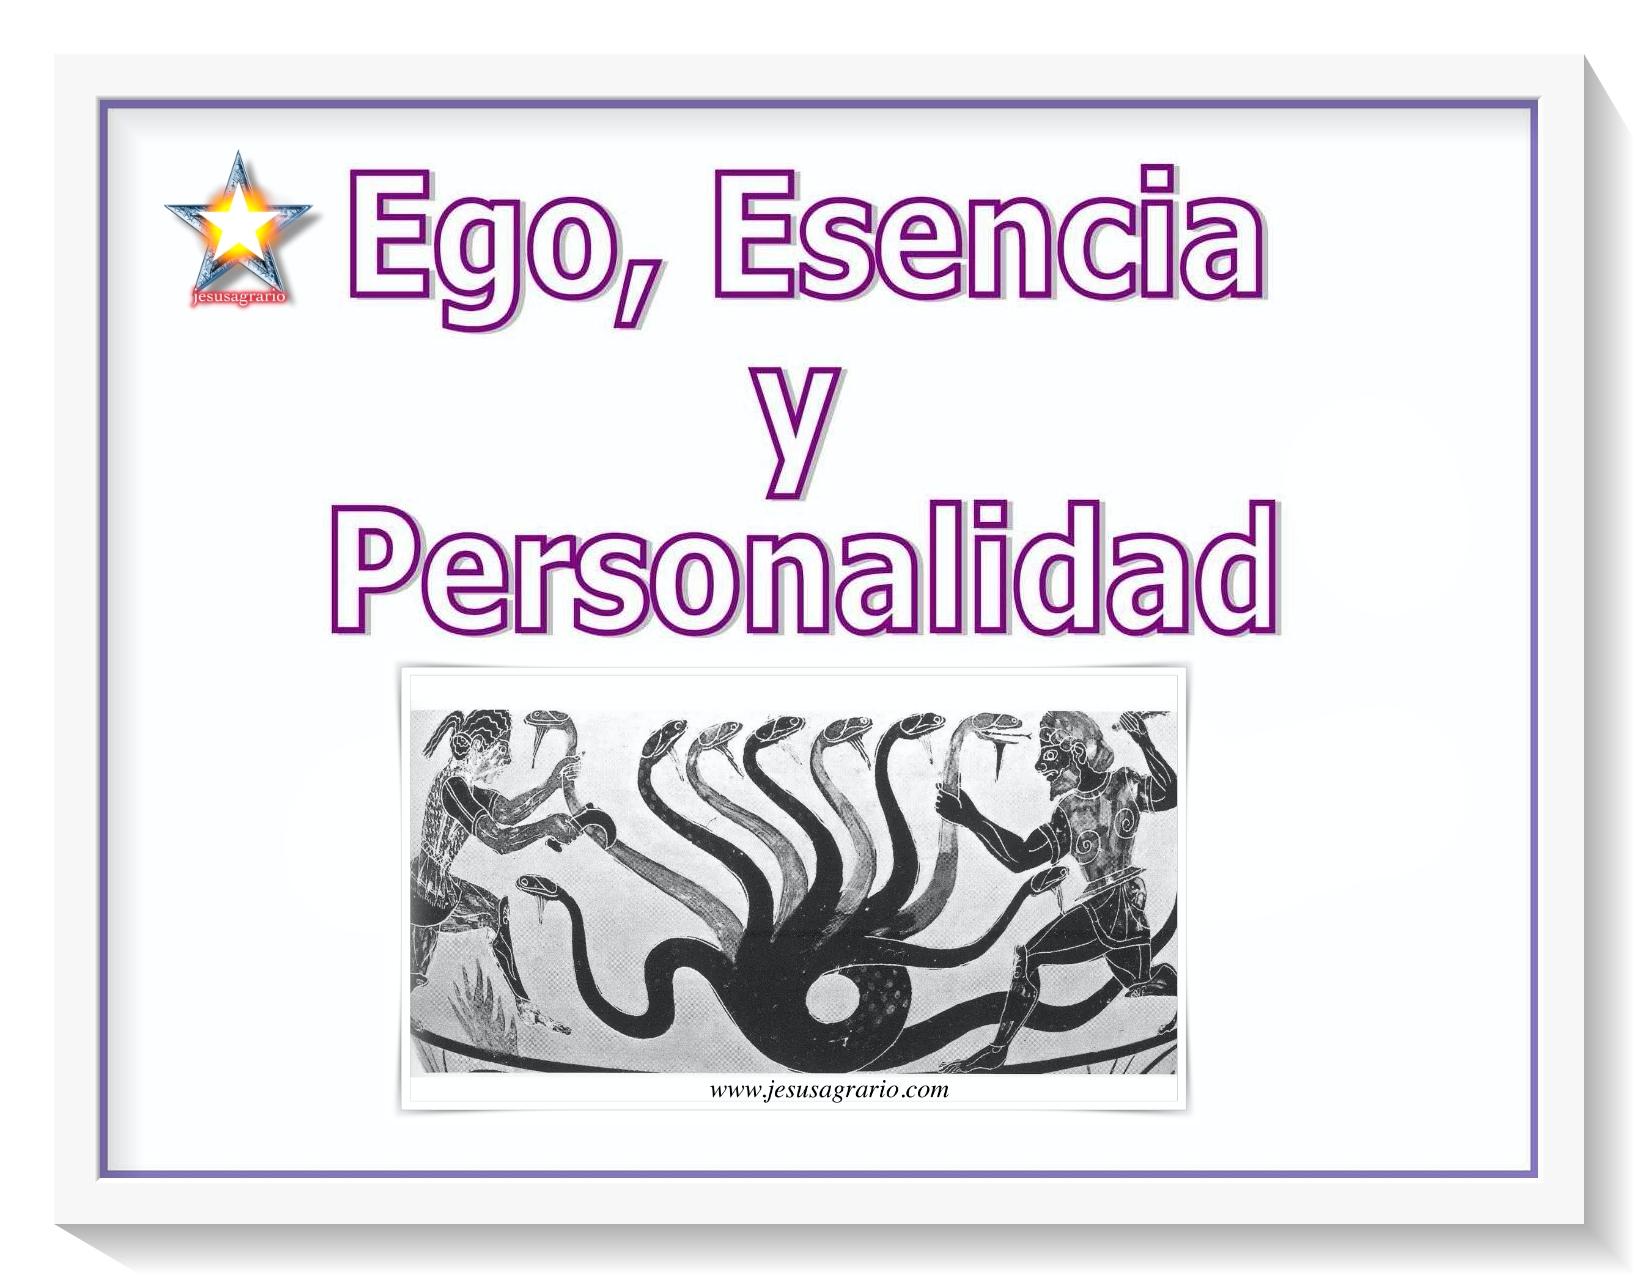 Ego esencia y personalidad